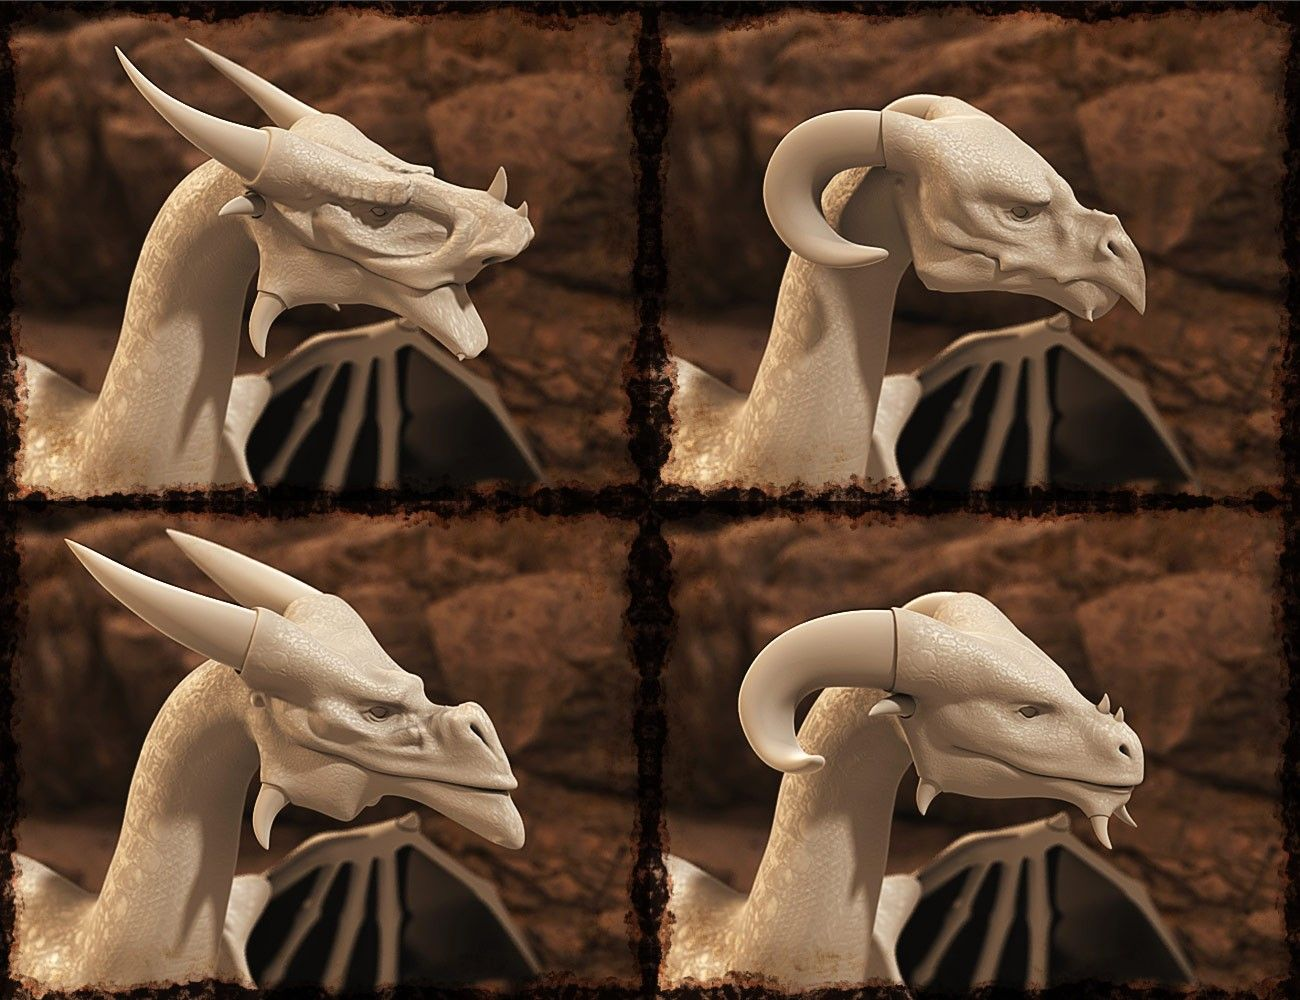 DAZ Dragon 3 Morphs | 3D Models and 3D Software by Daz 3D | דרקונים ...